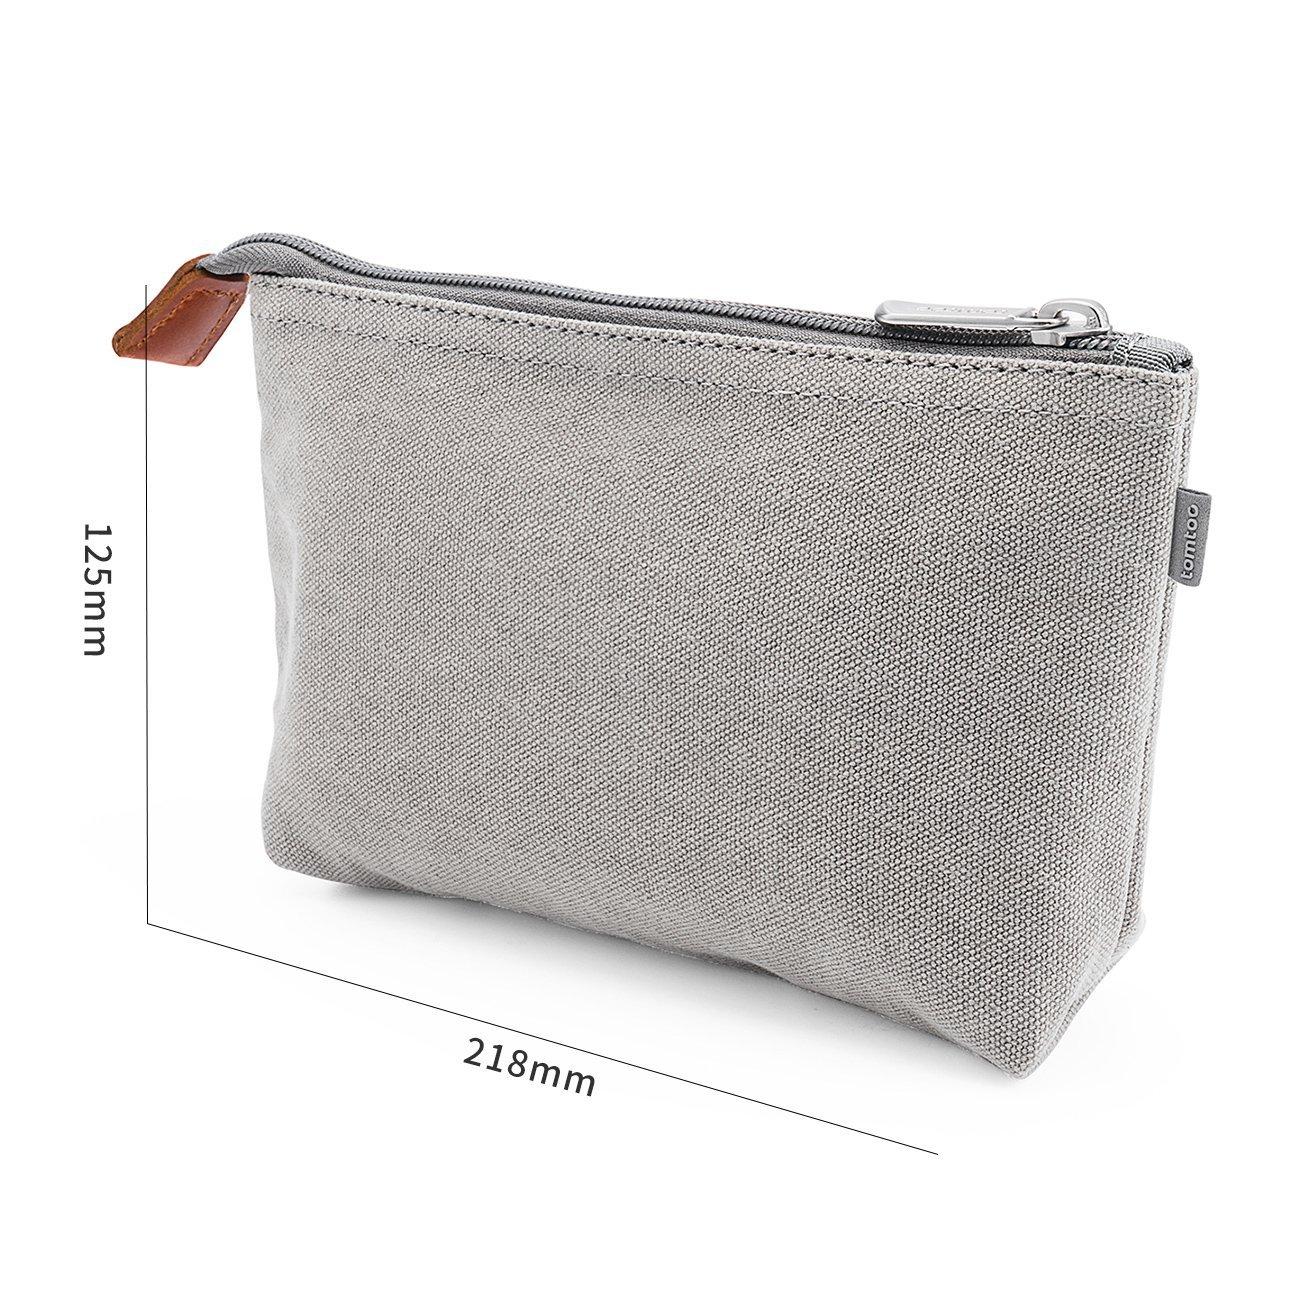 Phụ kiện máy xách tay  Tomtoc laptop Apple phụ kiện gói dữ liệu dây điện MacBook chuột túi lấy có ch